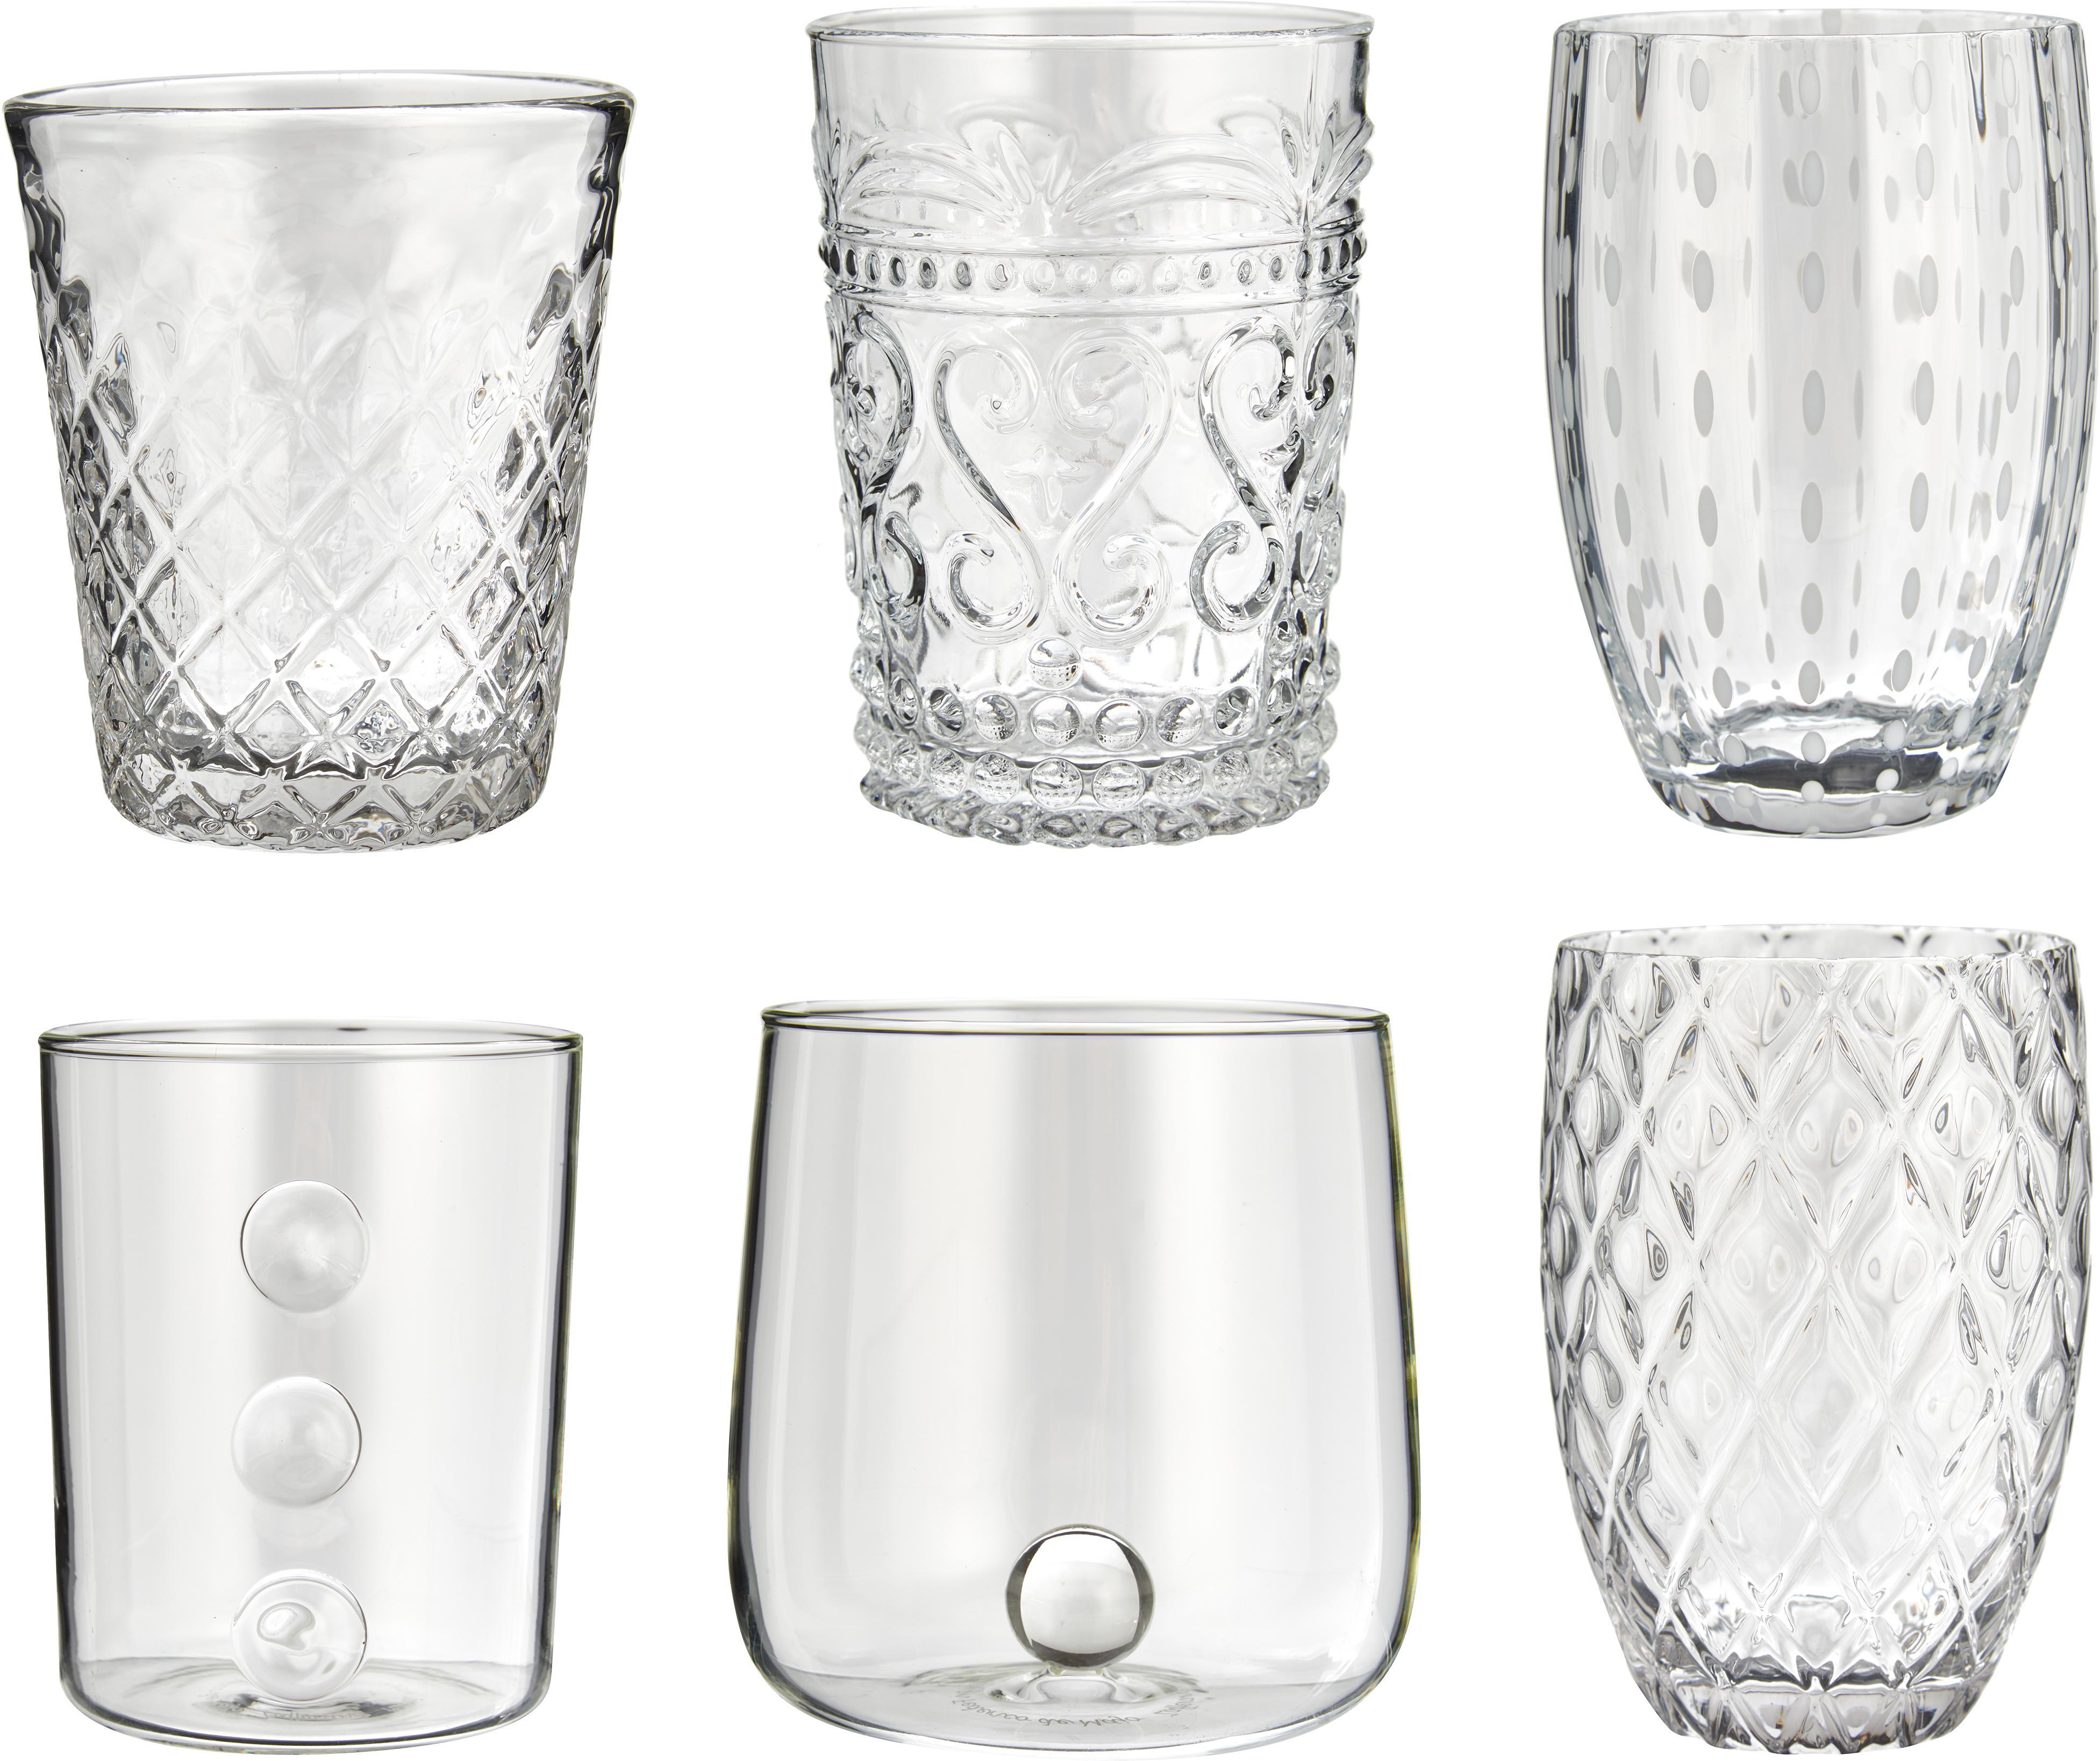 Mundgeblasene Wassergläser Melting Pot Calm mit unterschiedlichem Reliefmuster, 6er-Set, Glas, Transparent, Weiß, Sondergrößen